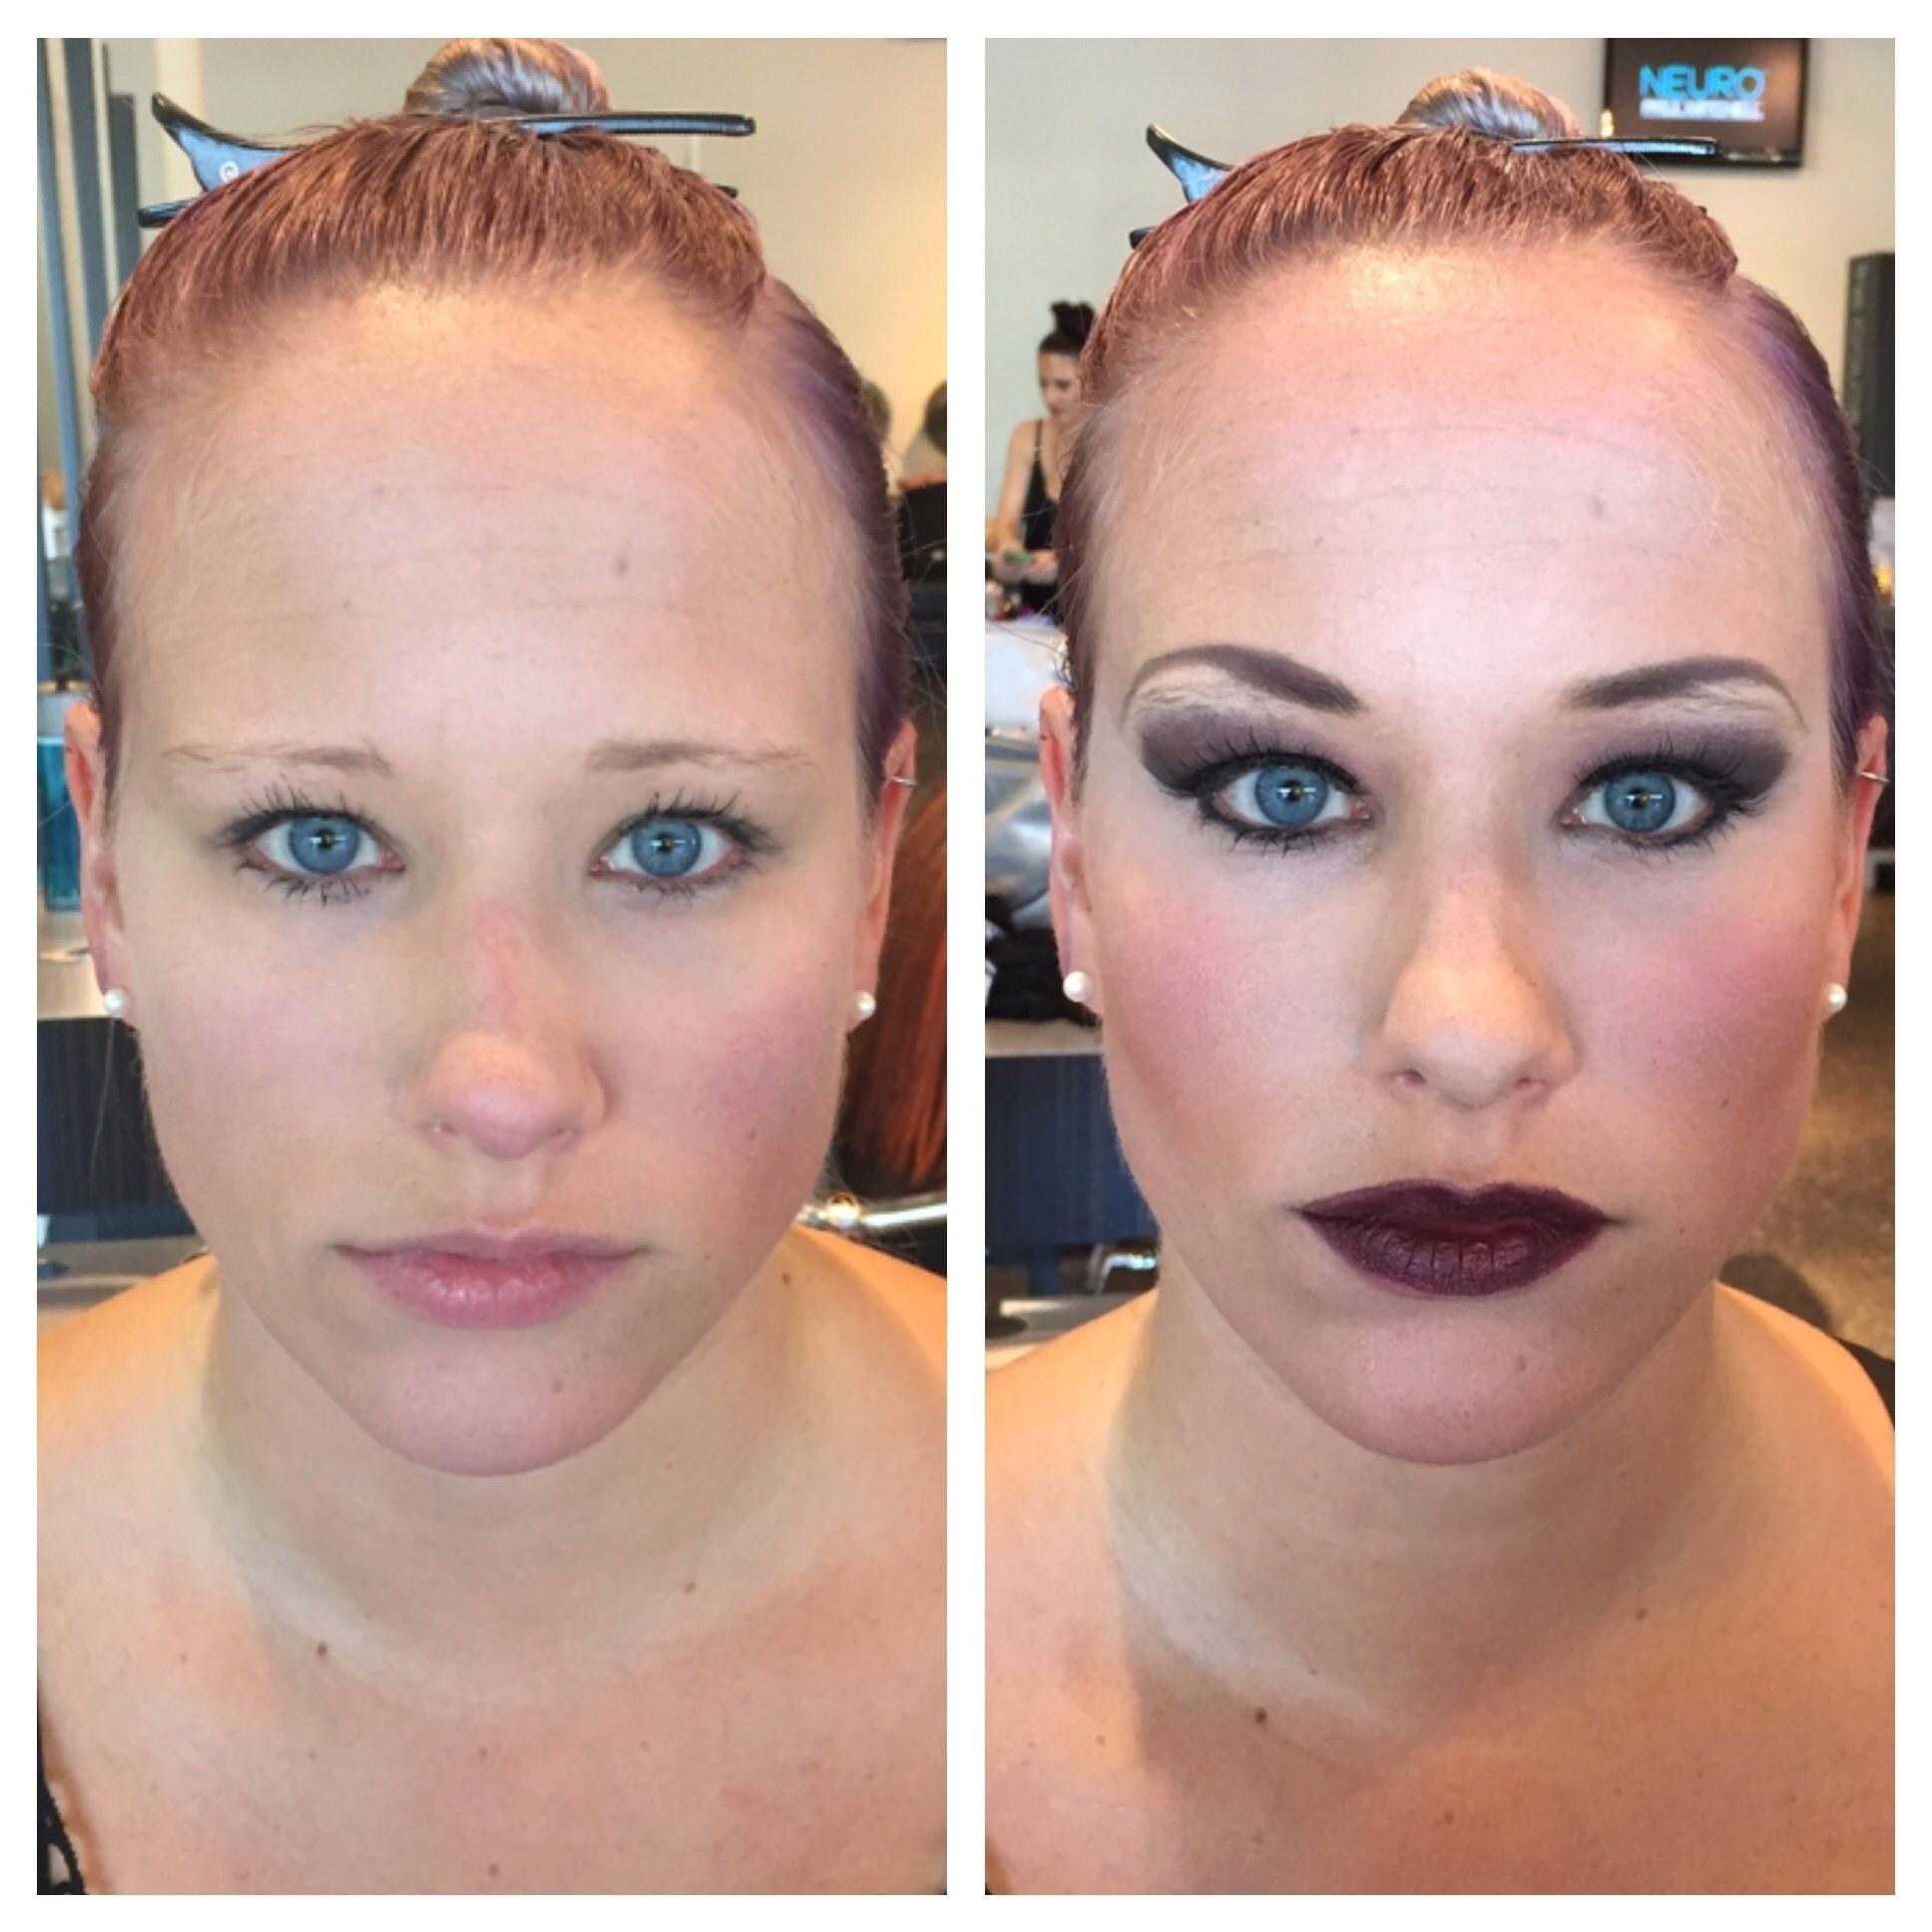 Hochzeits-Haar Und Make-Up Ulta | Trend Bob Frisuren throughout Wedding Make Up At Ulta